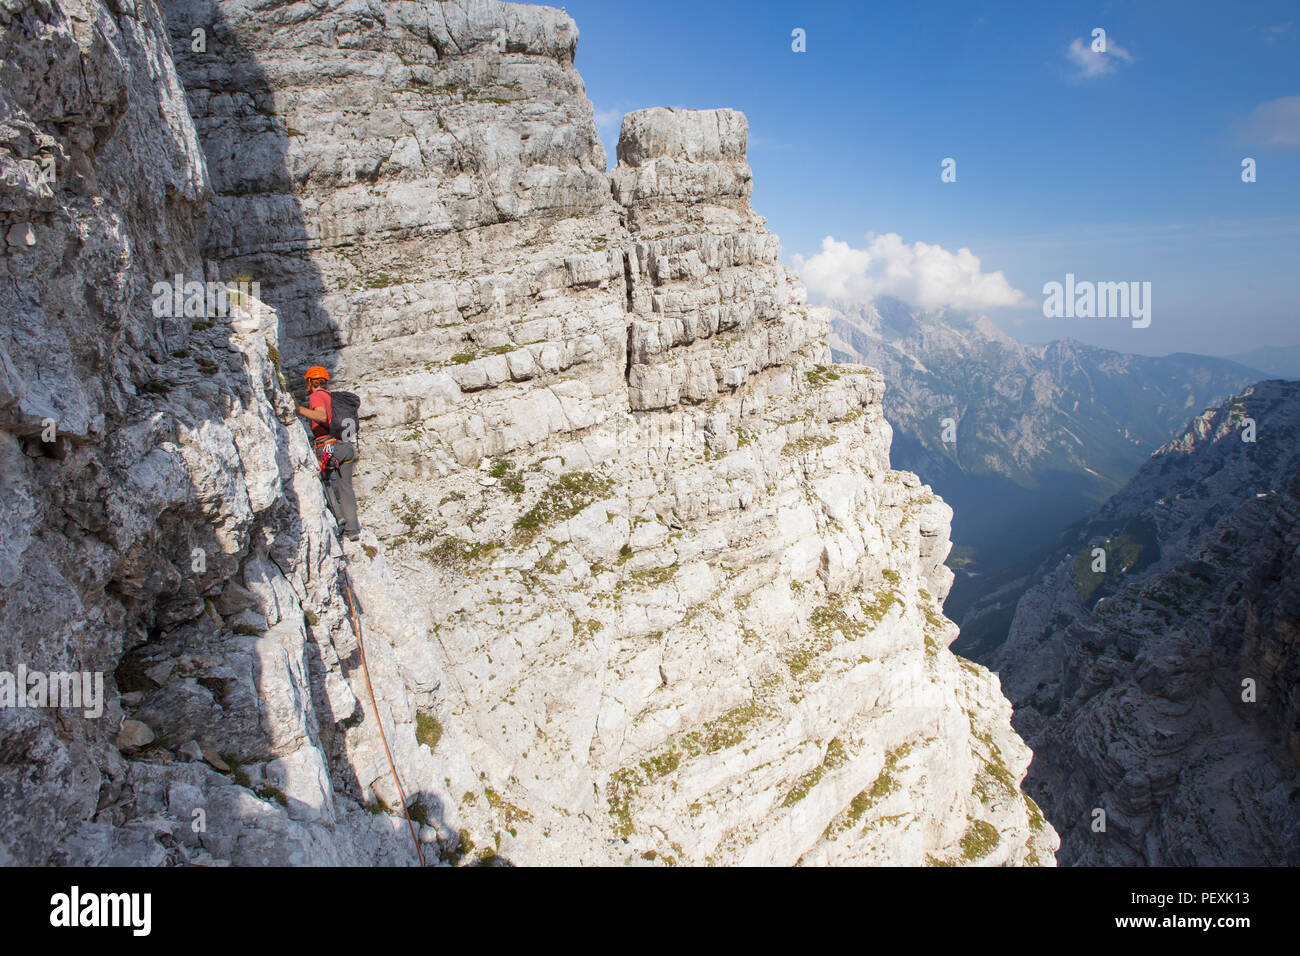 Bergführer Wandern entlang der Klippe während der Besteigung des Triglav, Slowenien Stockbild